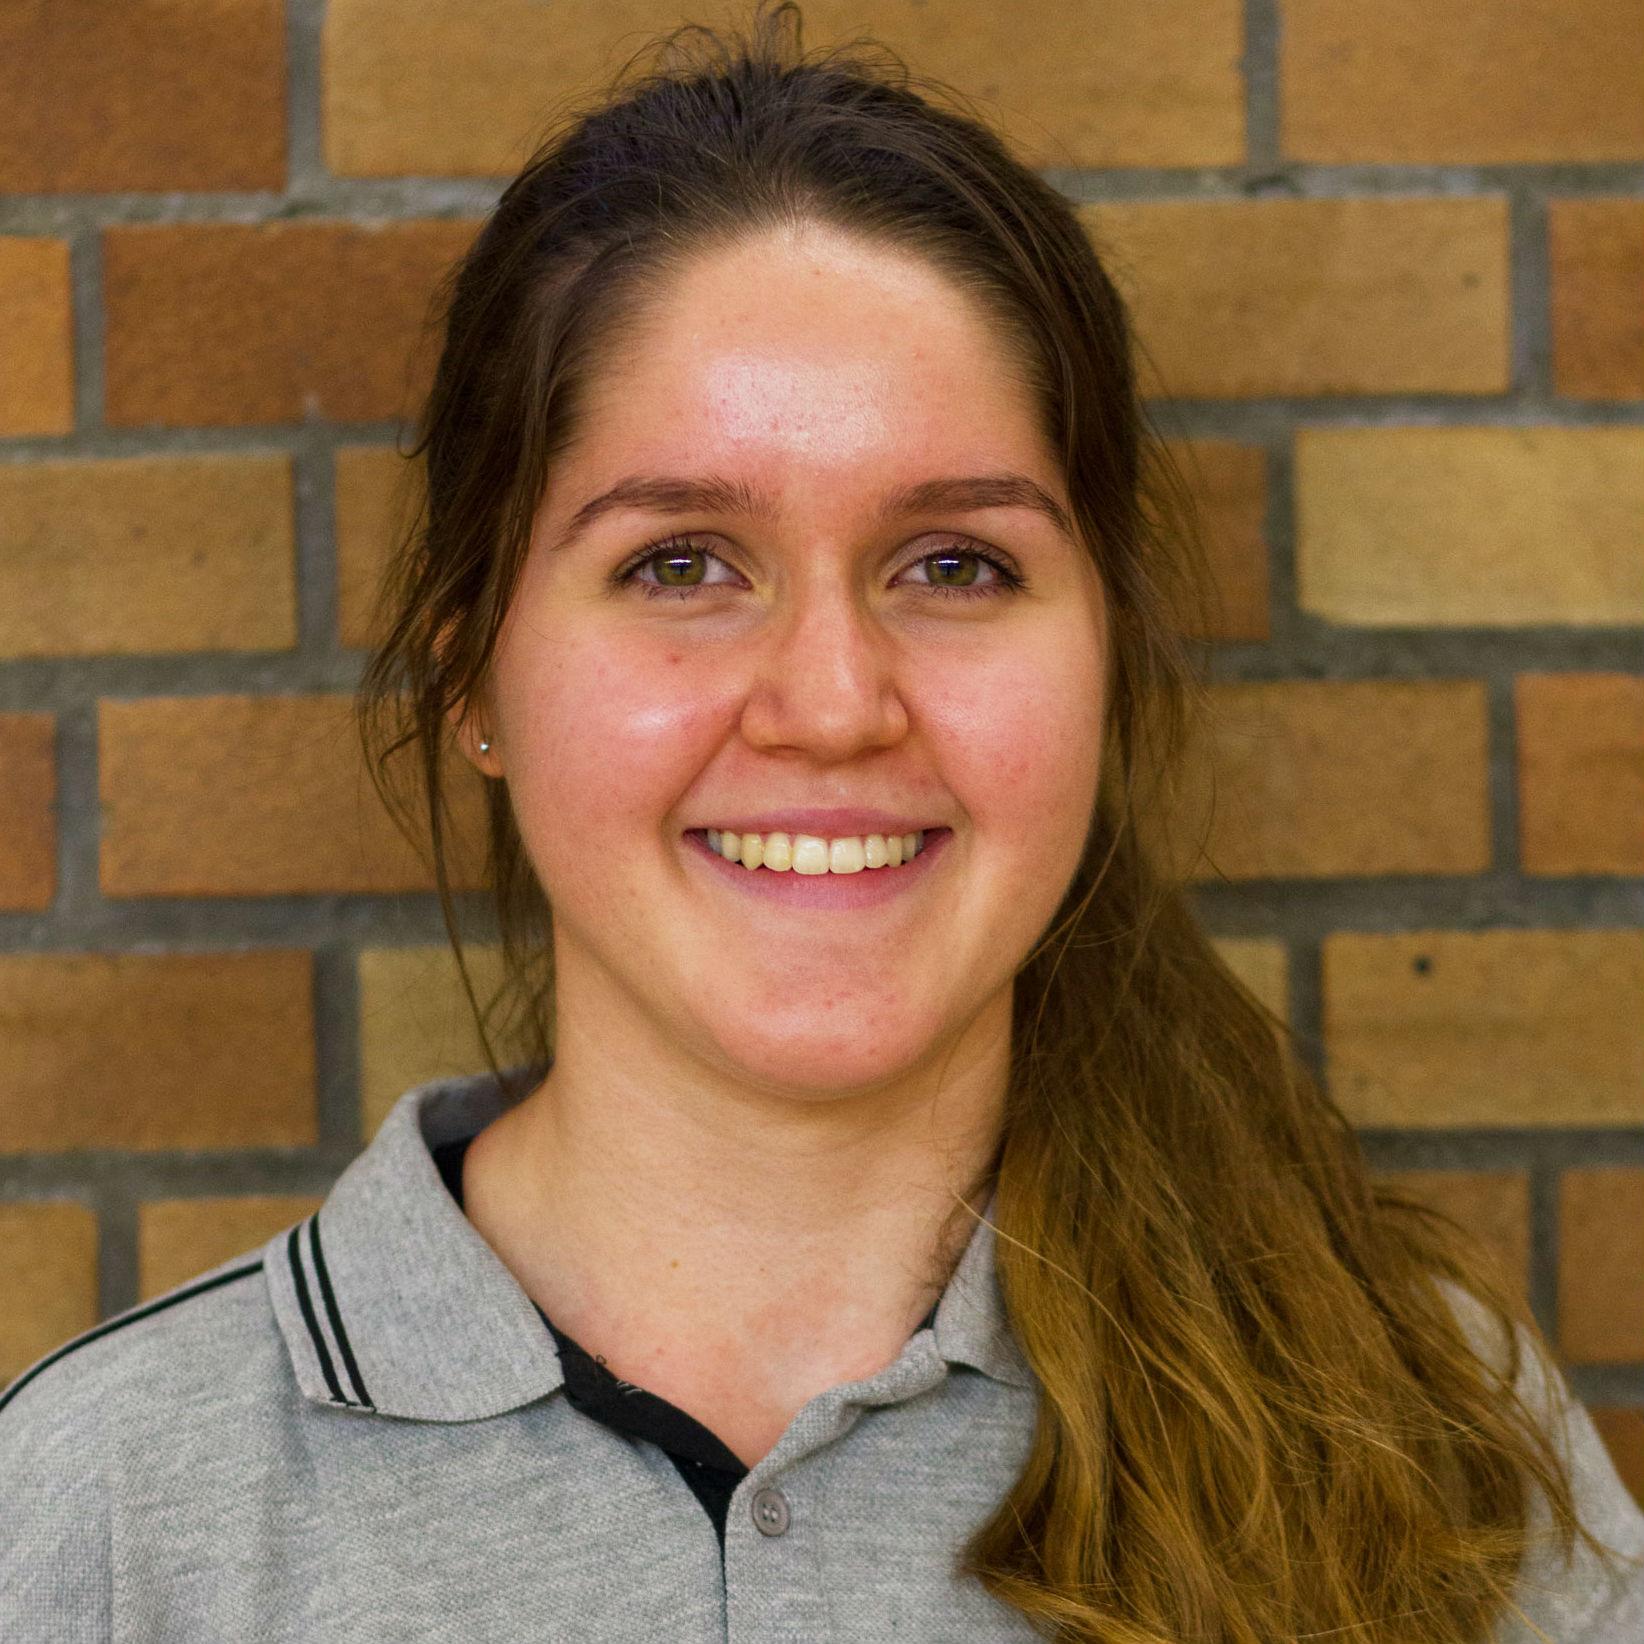 Leonie Steidle unterstützt in der U12